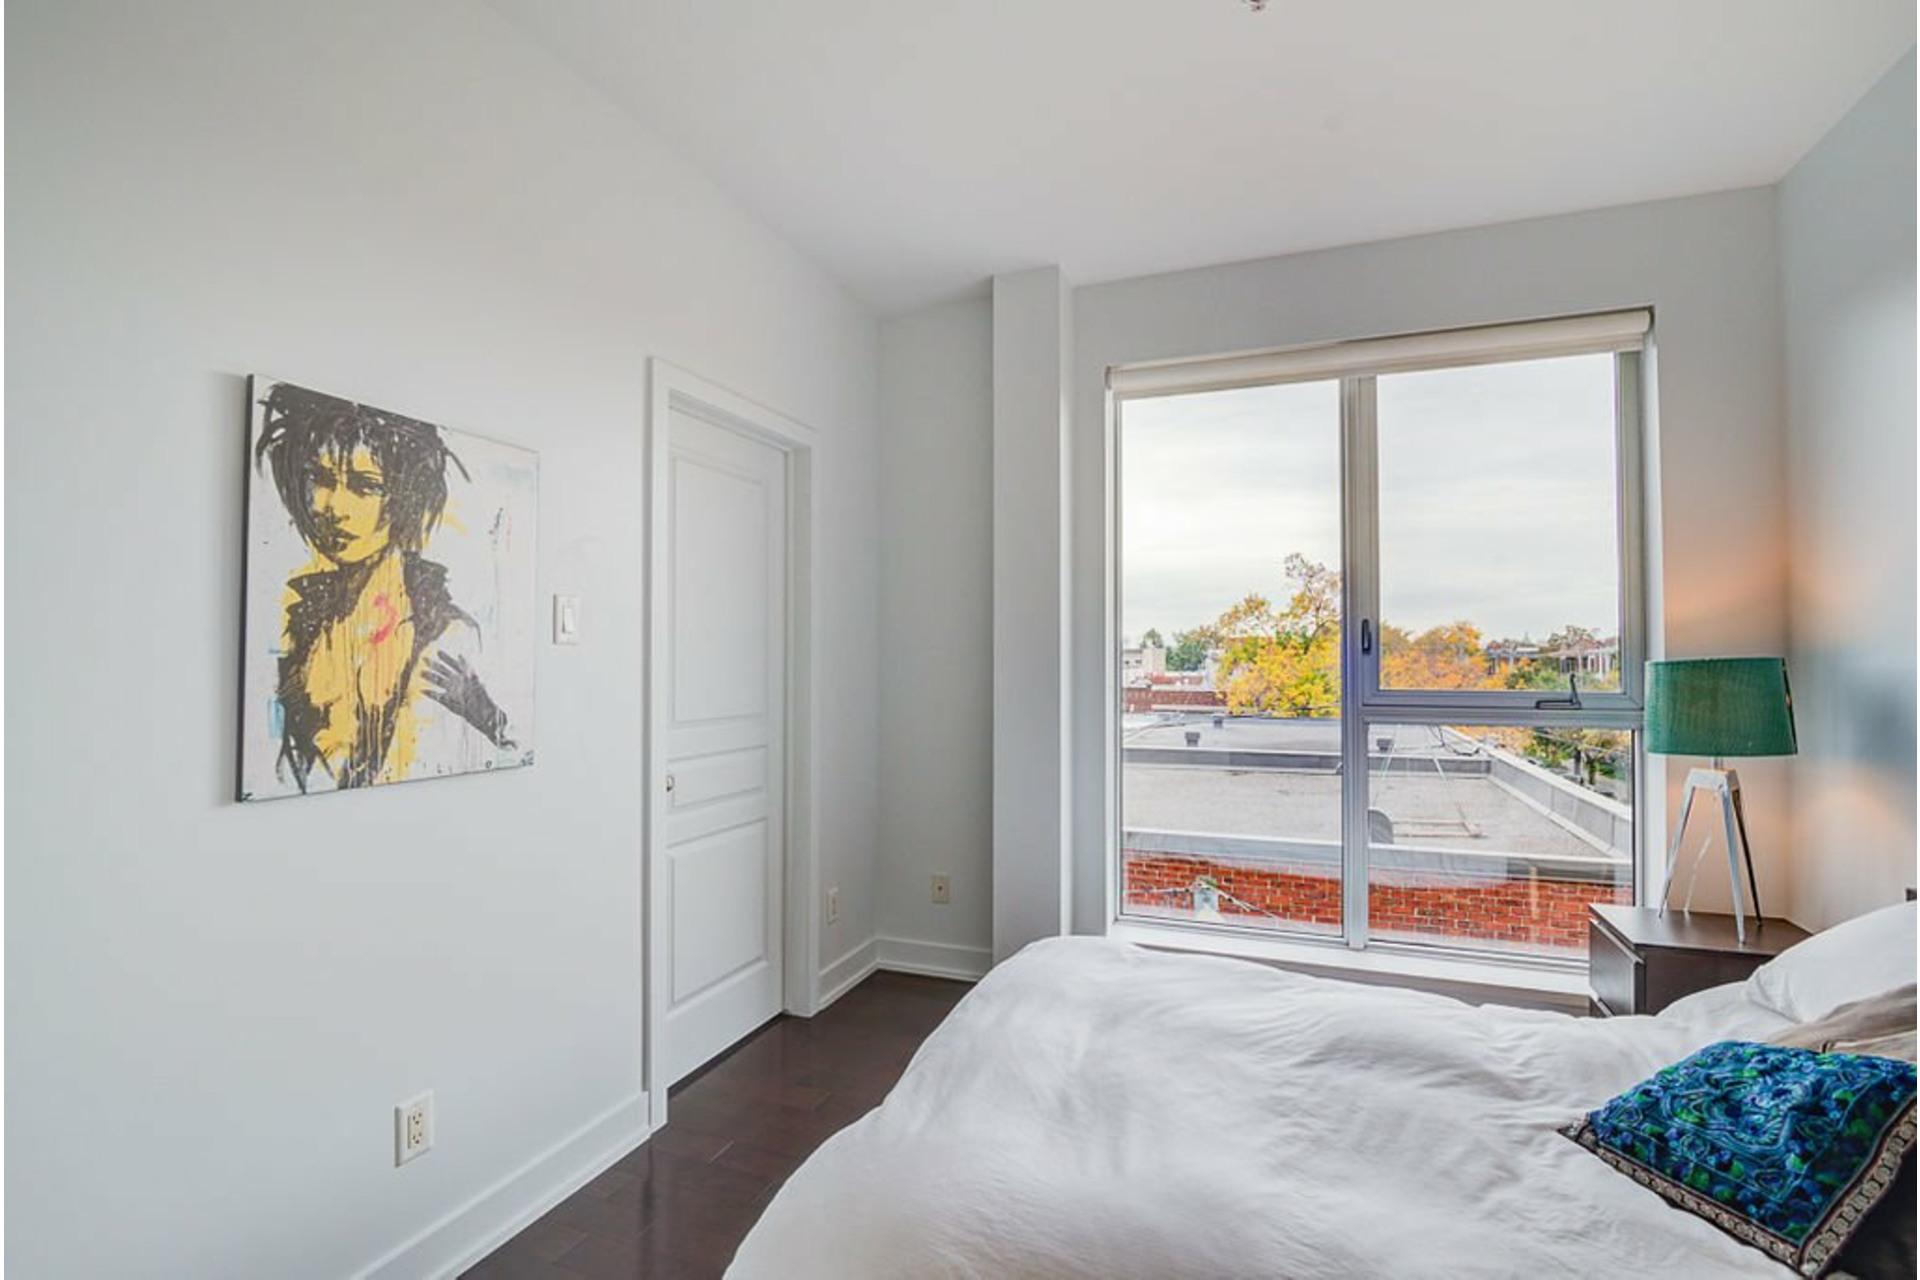 image 20 - Appartement À vendre Villeray/Saint-Michel/Parc-Extension Montréal  - 6 pièces